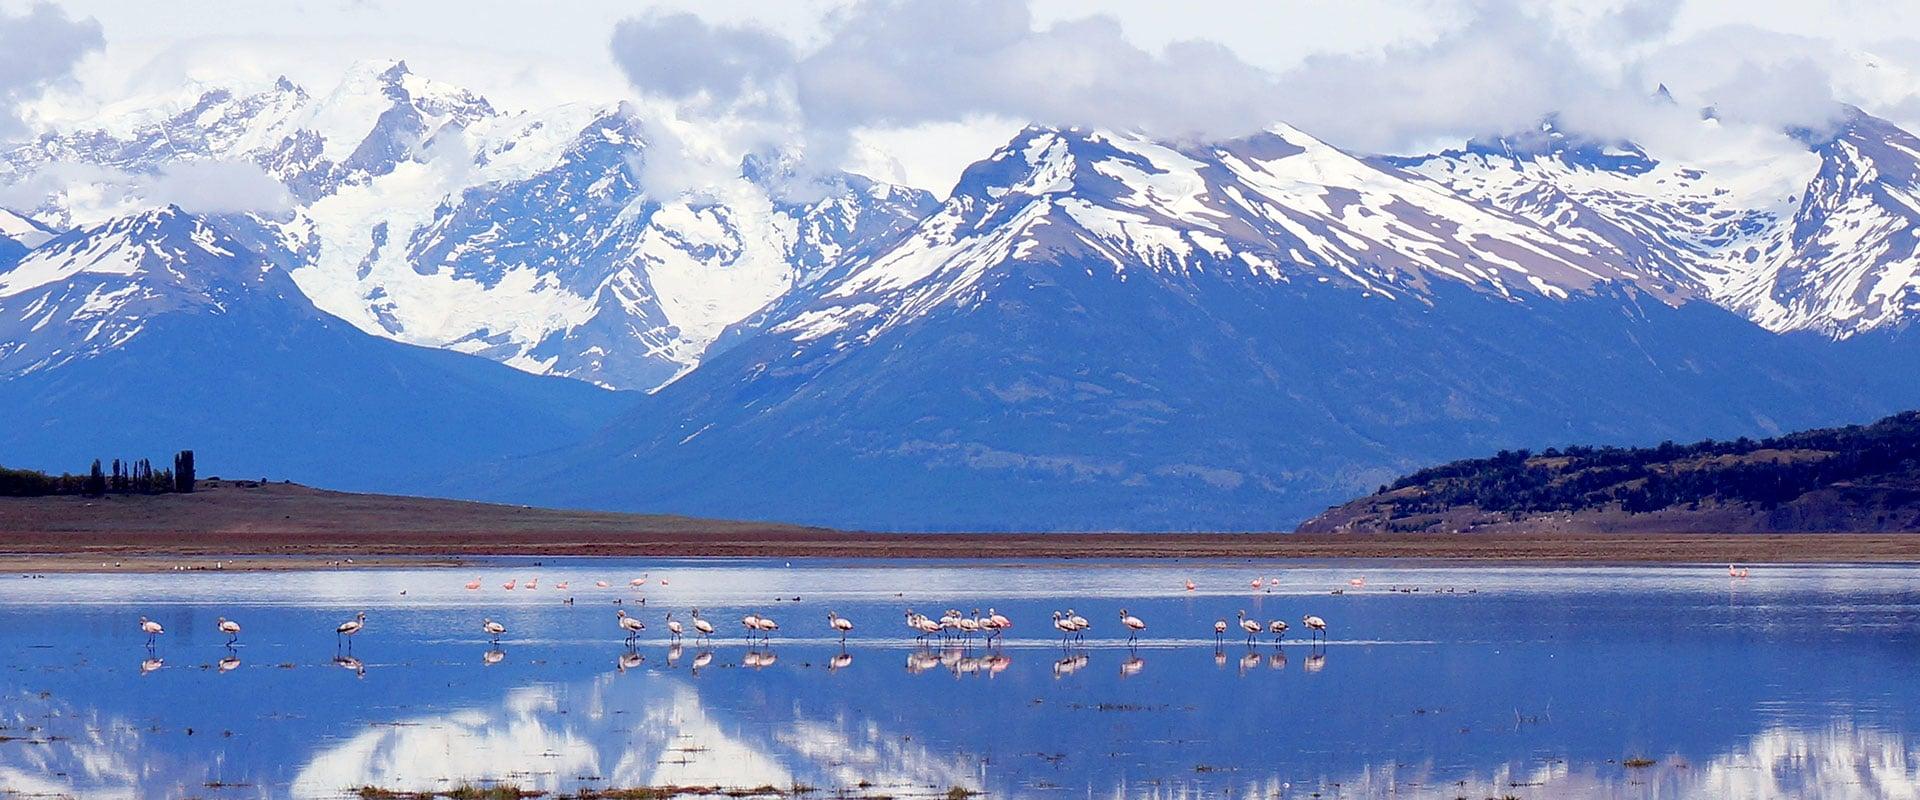 Patagonie Terre de Feu Cap Horn